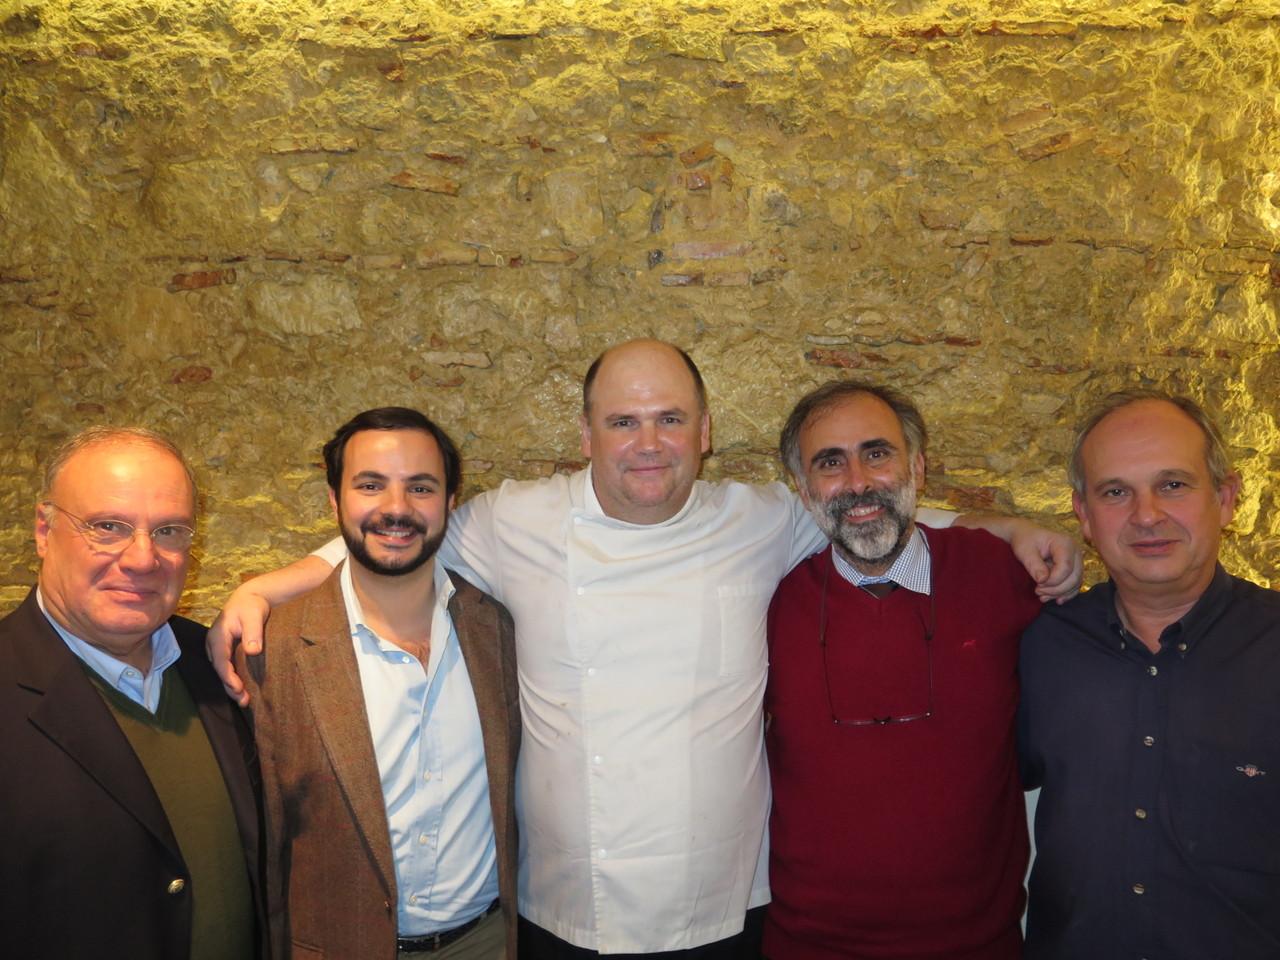 Professor Virgílio Loureiro, João Jorge, Chef Walter Blazevic, Pedro Verdelho, Professor Manuel Malfeito Ferreira